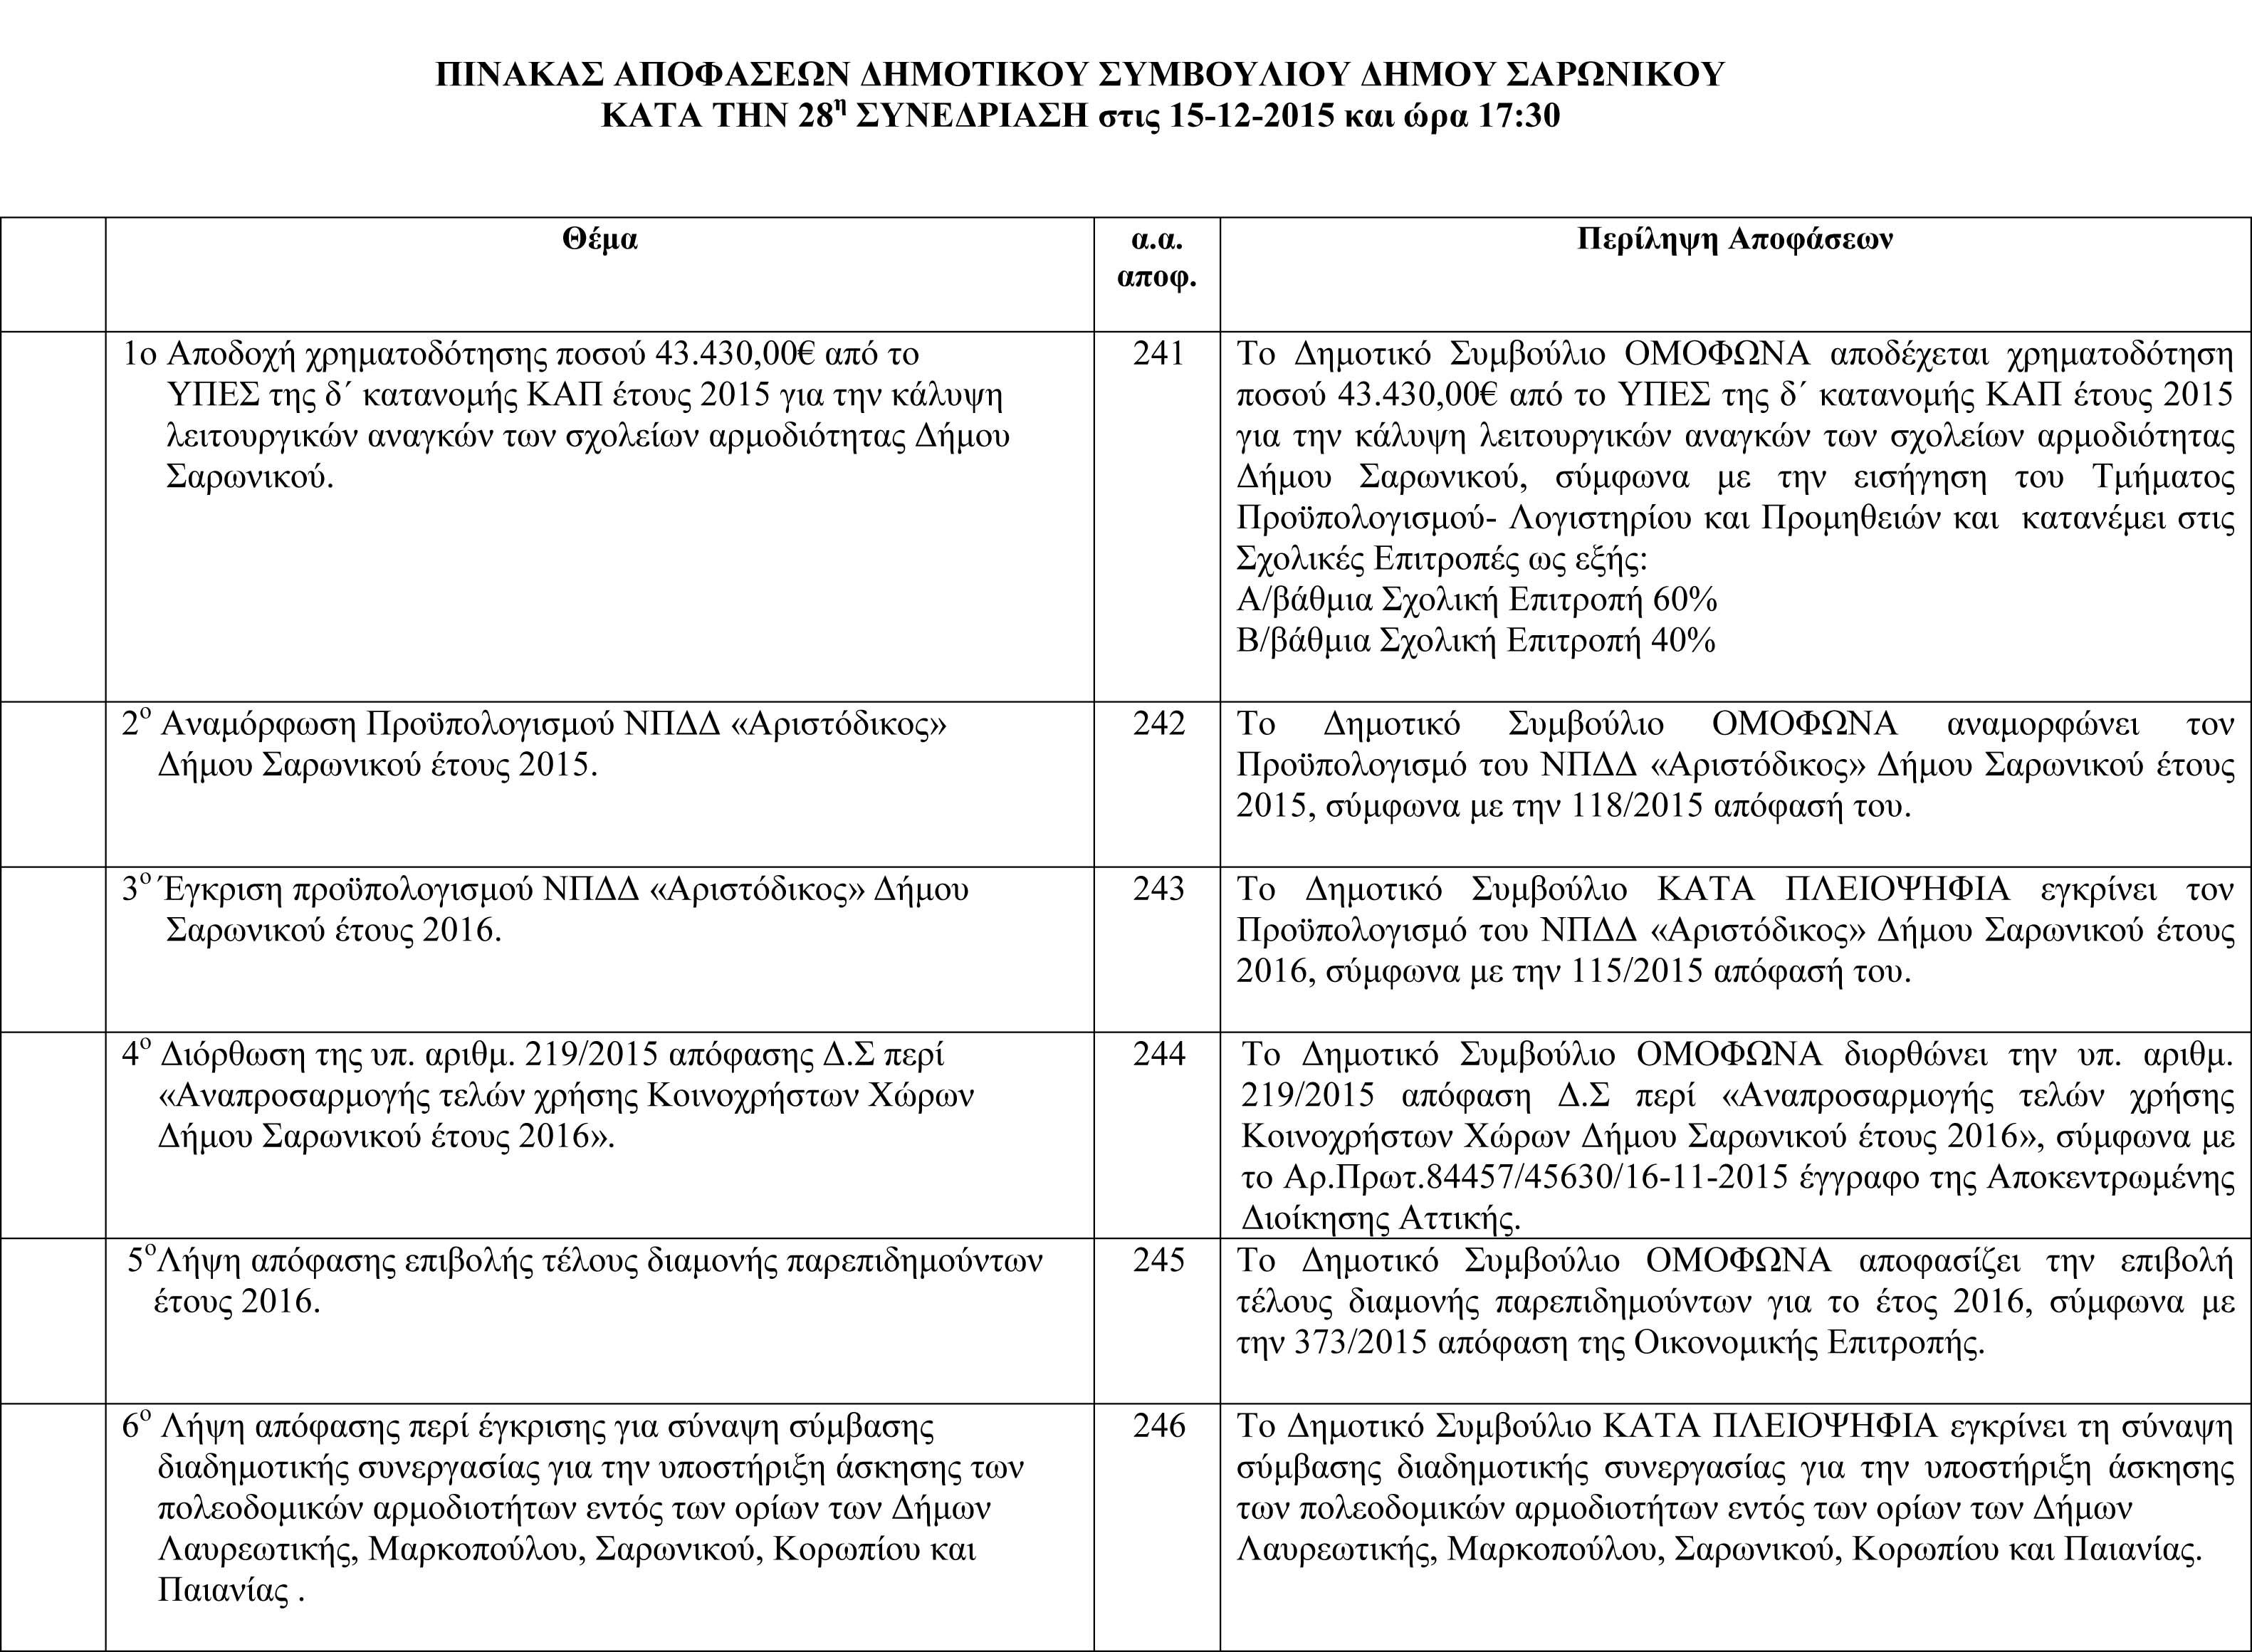 Πίνακας Αποφάσεων Δημοτικού Συμβουλίου 15-12-2015-1